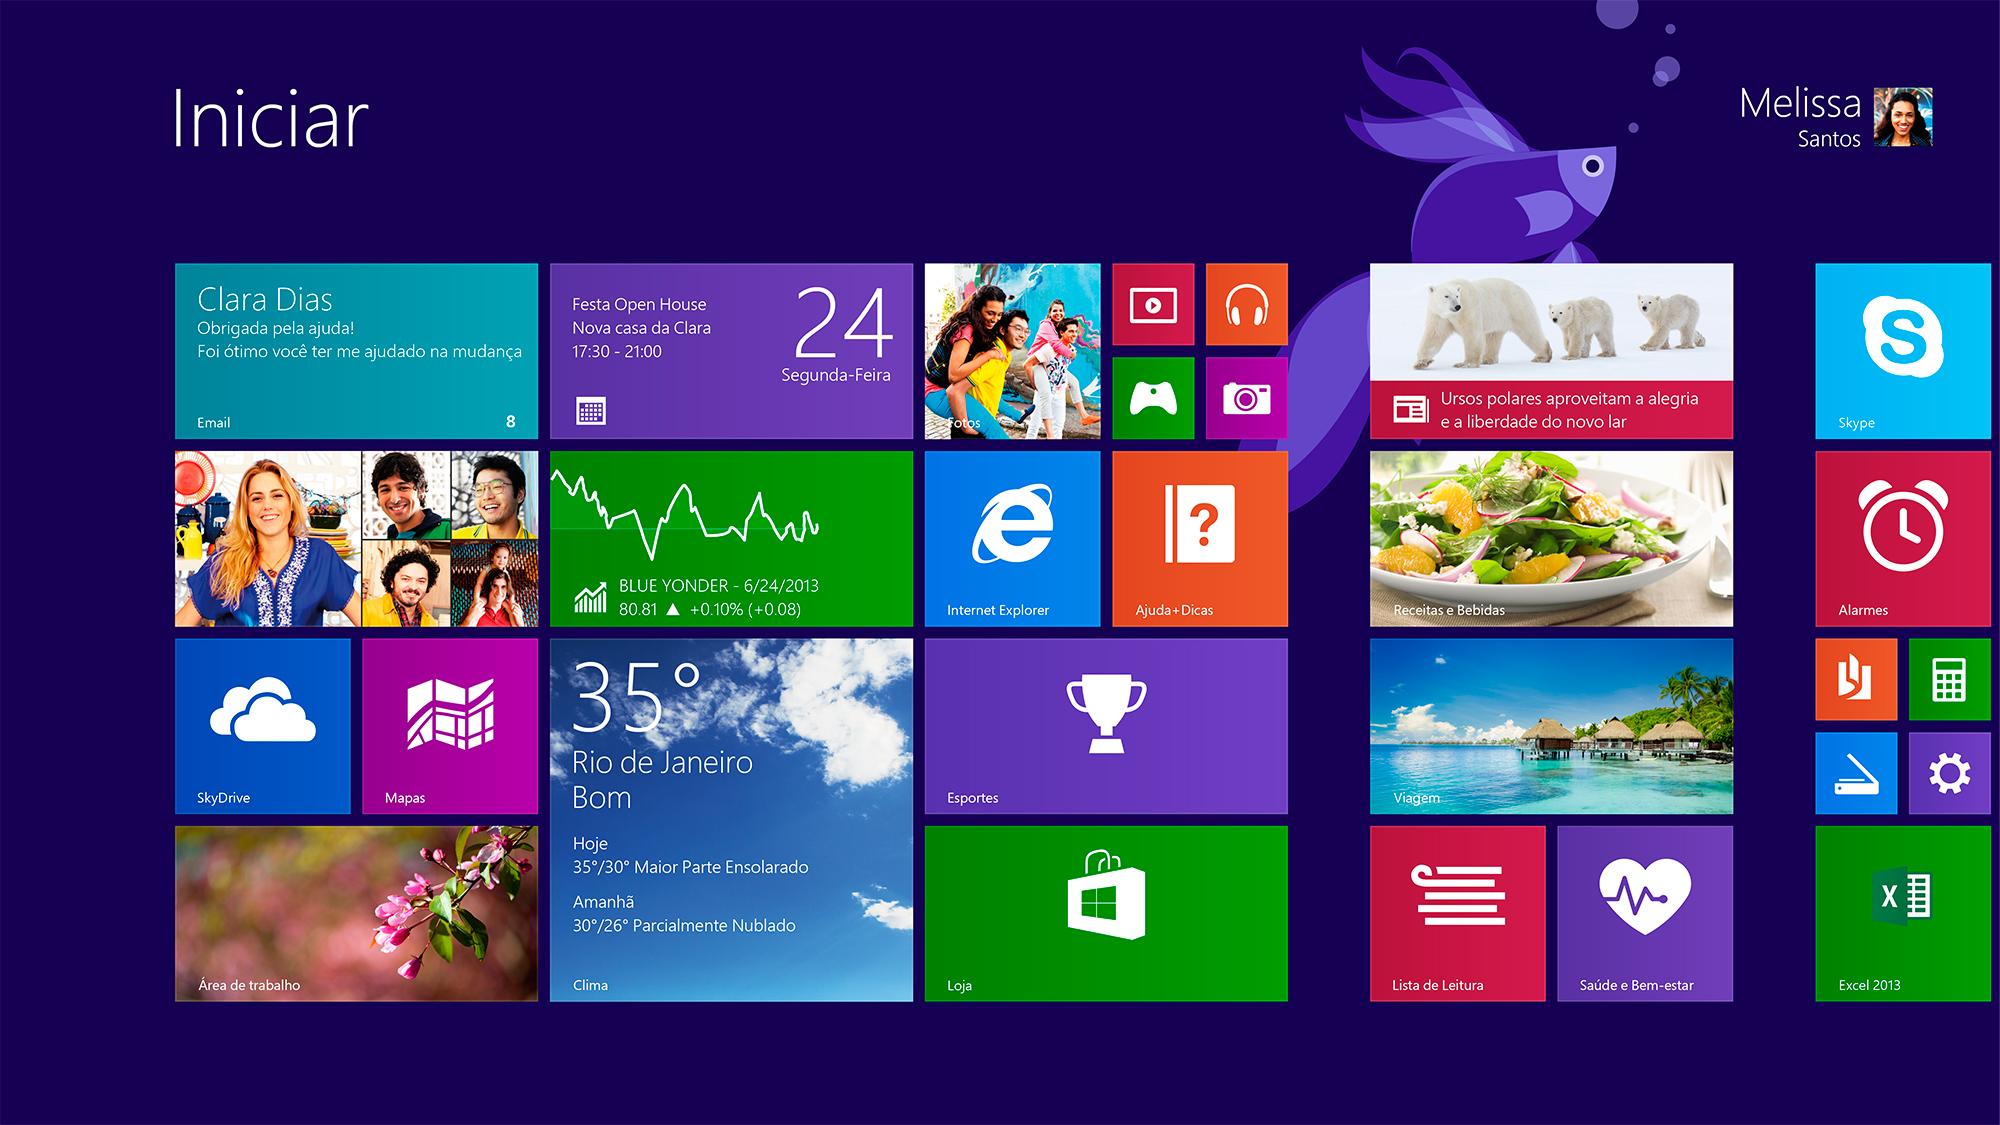 Windows 8 1 enterprise update download iso - Que Calor